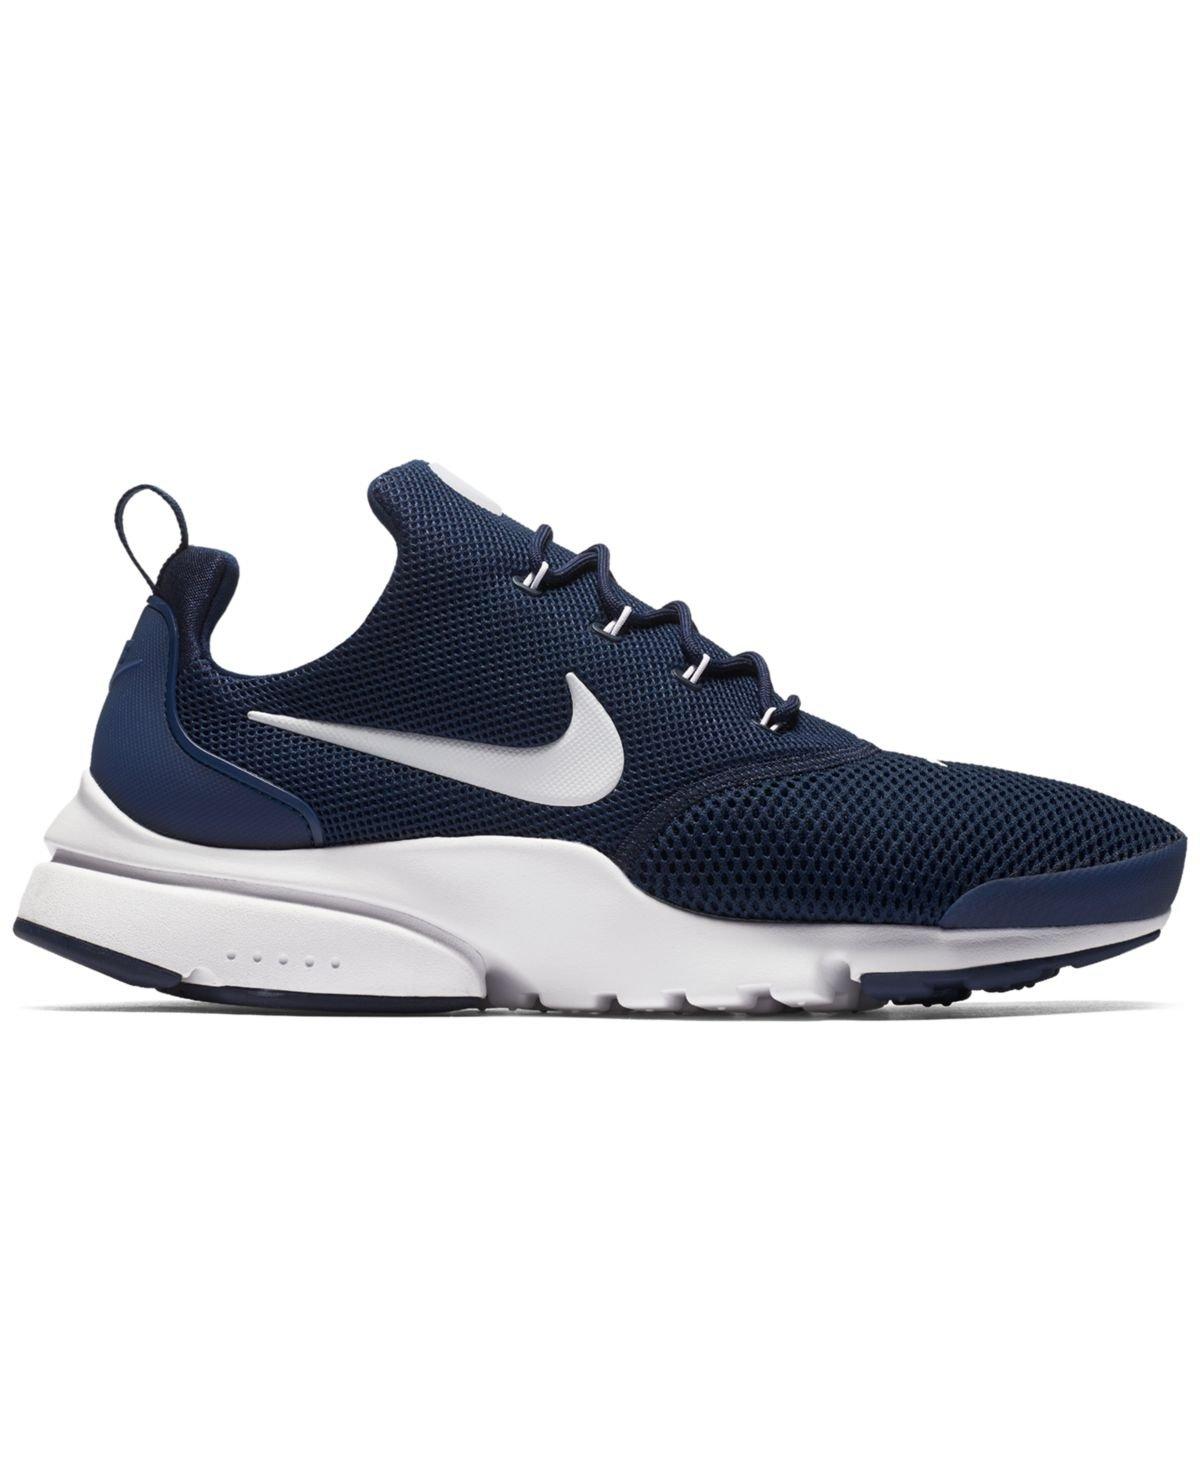 Nike Pánské Presto Fly Running Sneaker Boty Námořnictvo Modrý Velkoobchodní cena K83412